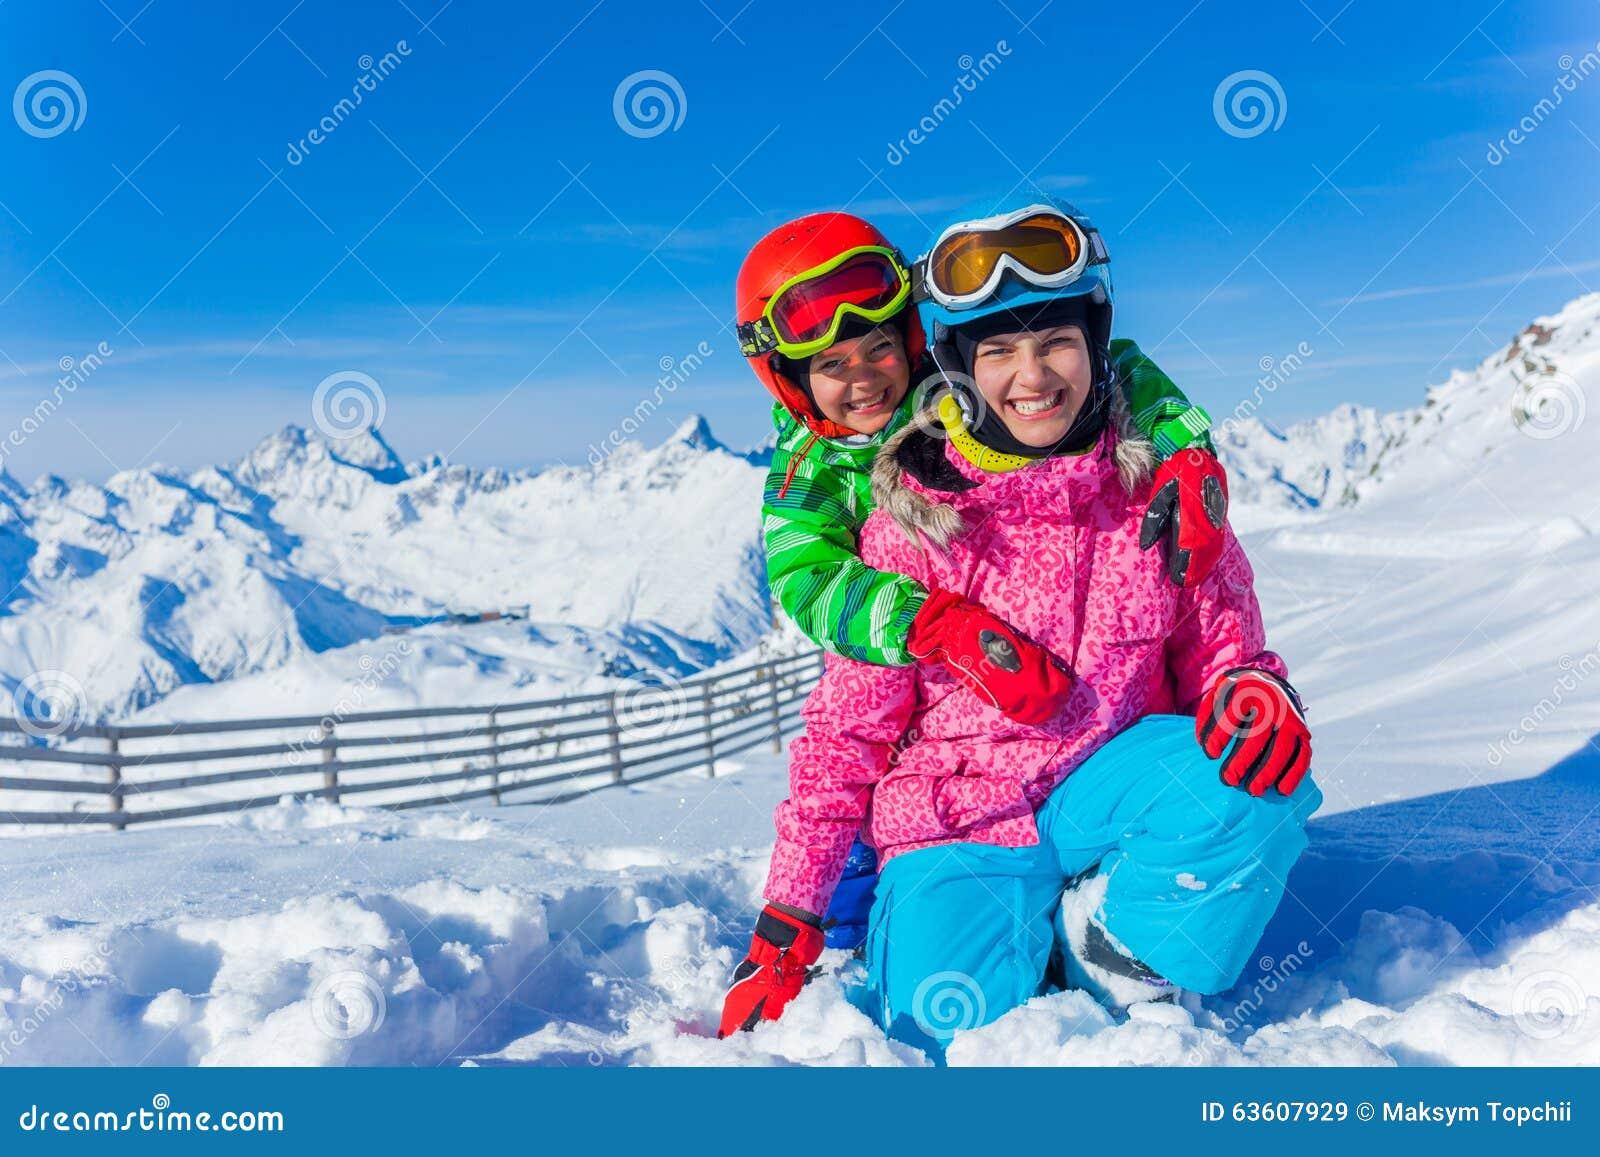 Kids at ski resort